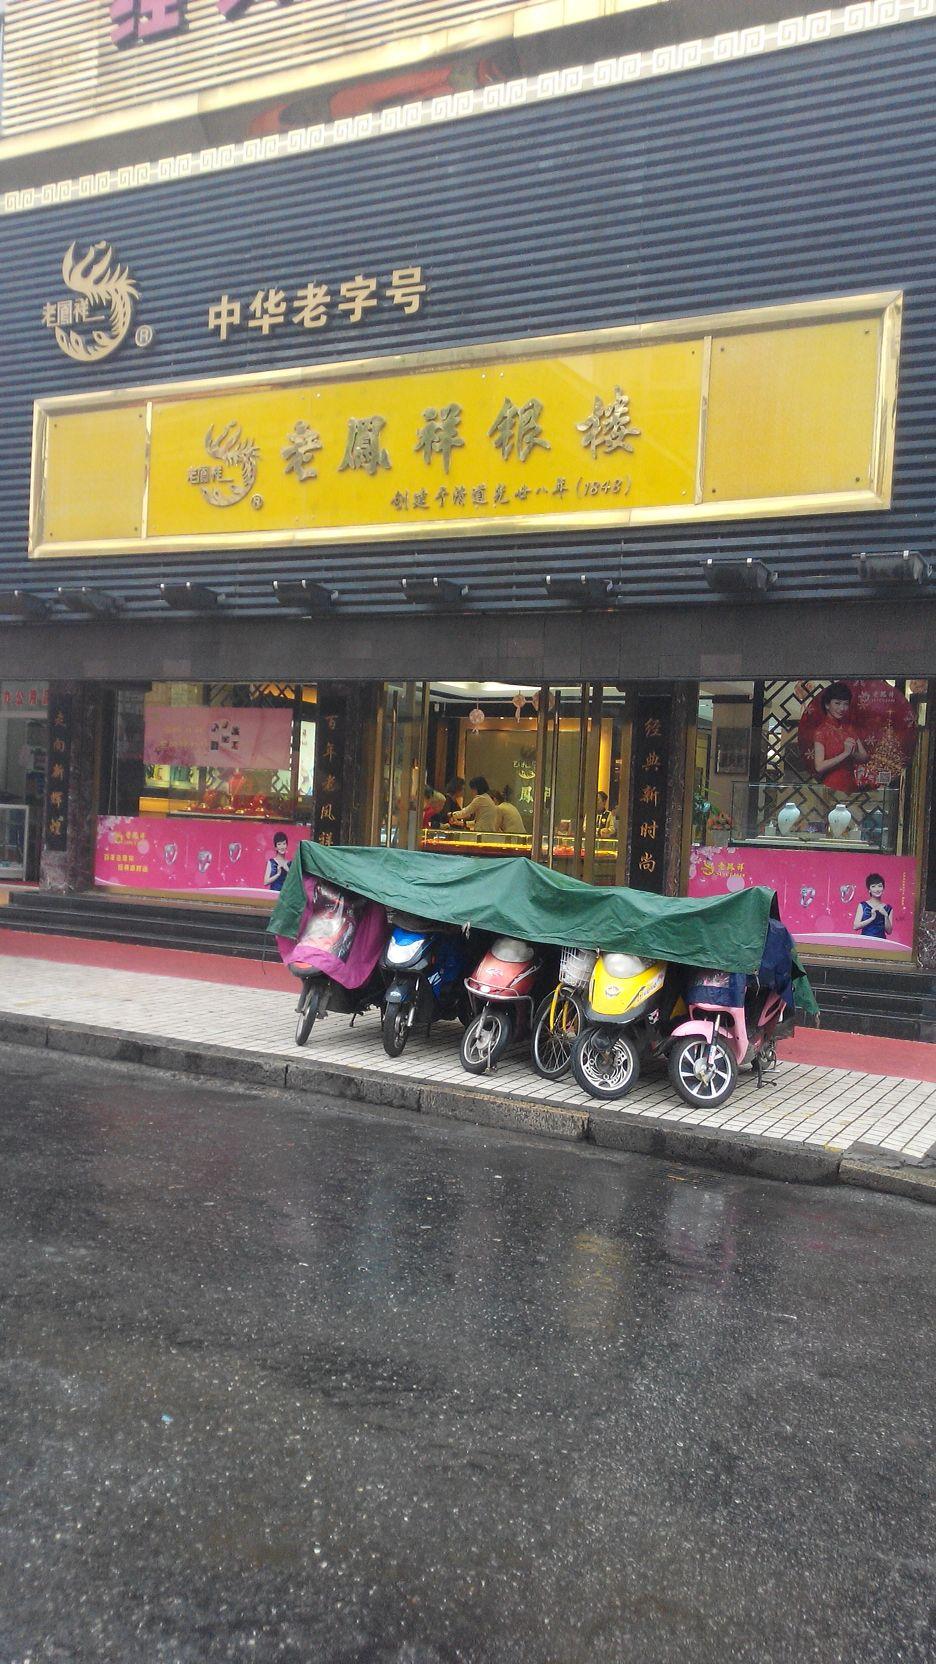 老鳳祥紹興府山橫街金店